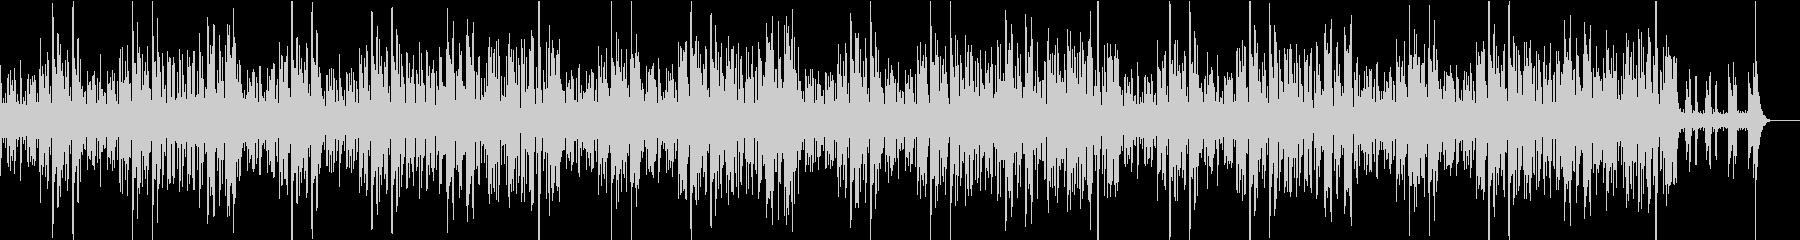 シンプルで軽やかなジャズの未再生の波形